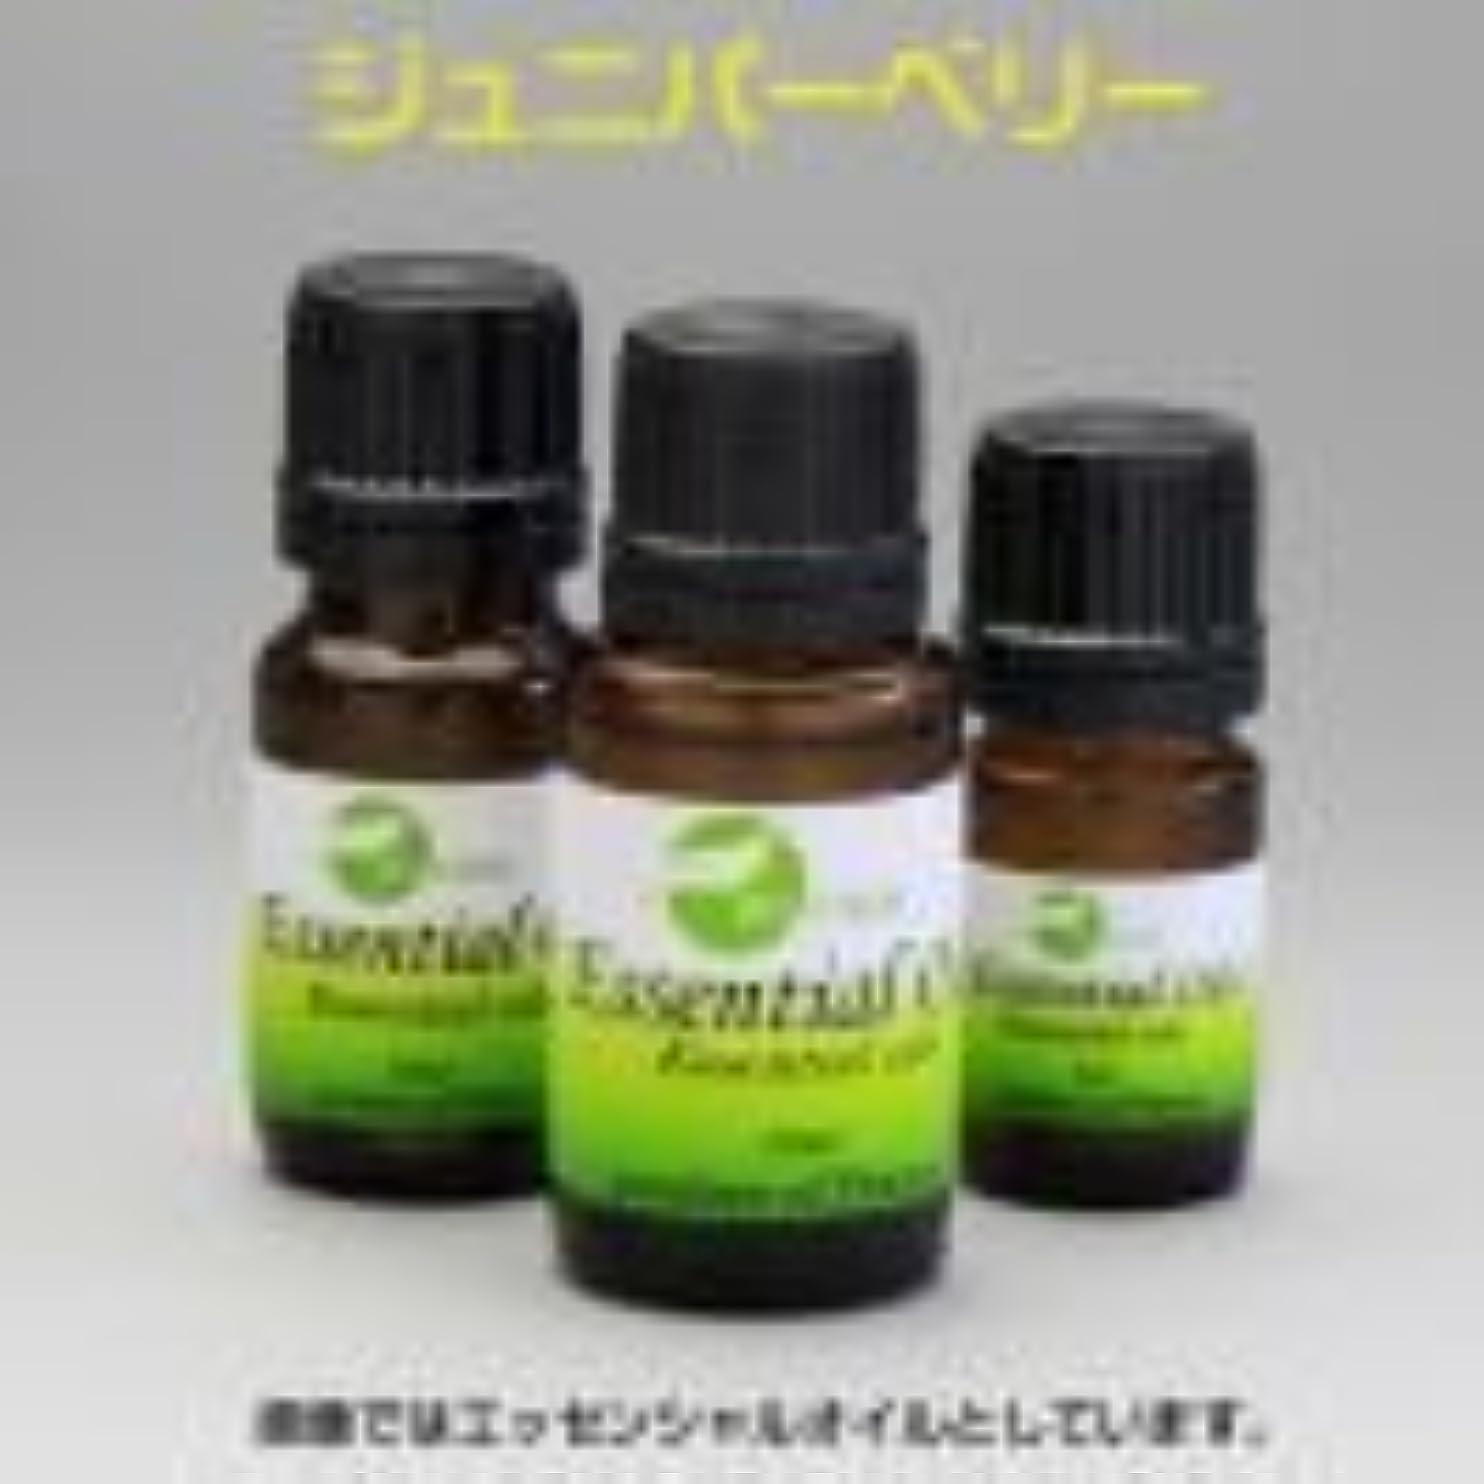 アウタースーツ条件付き[エッセンシャルオイル] 松の針葉に似たフレッシュな樹脂の香り ジュニパーベリー 15ml